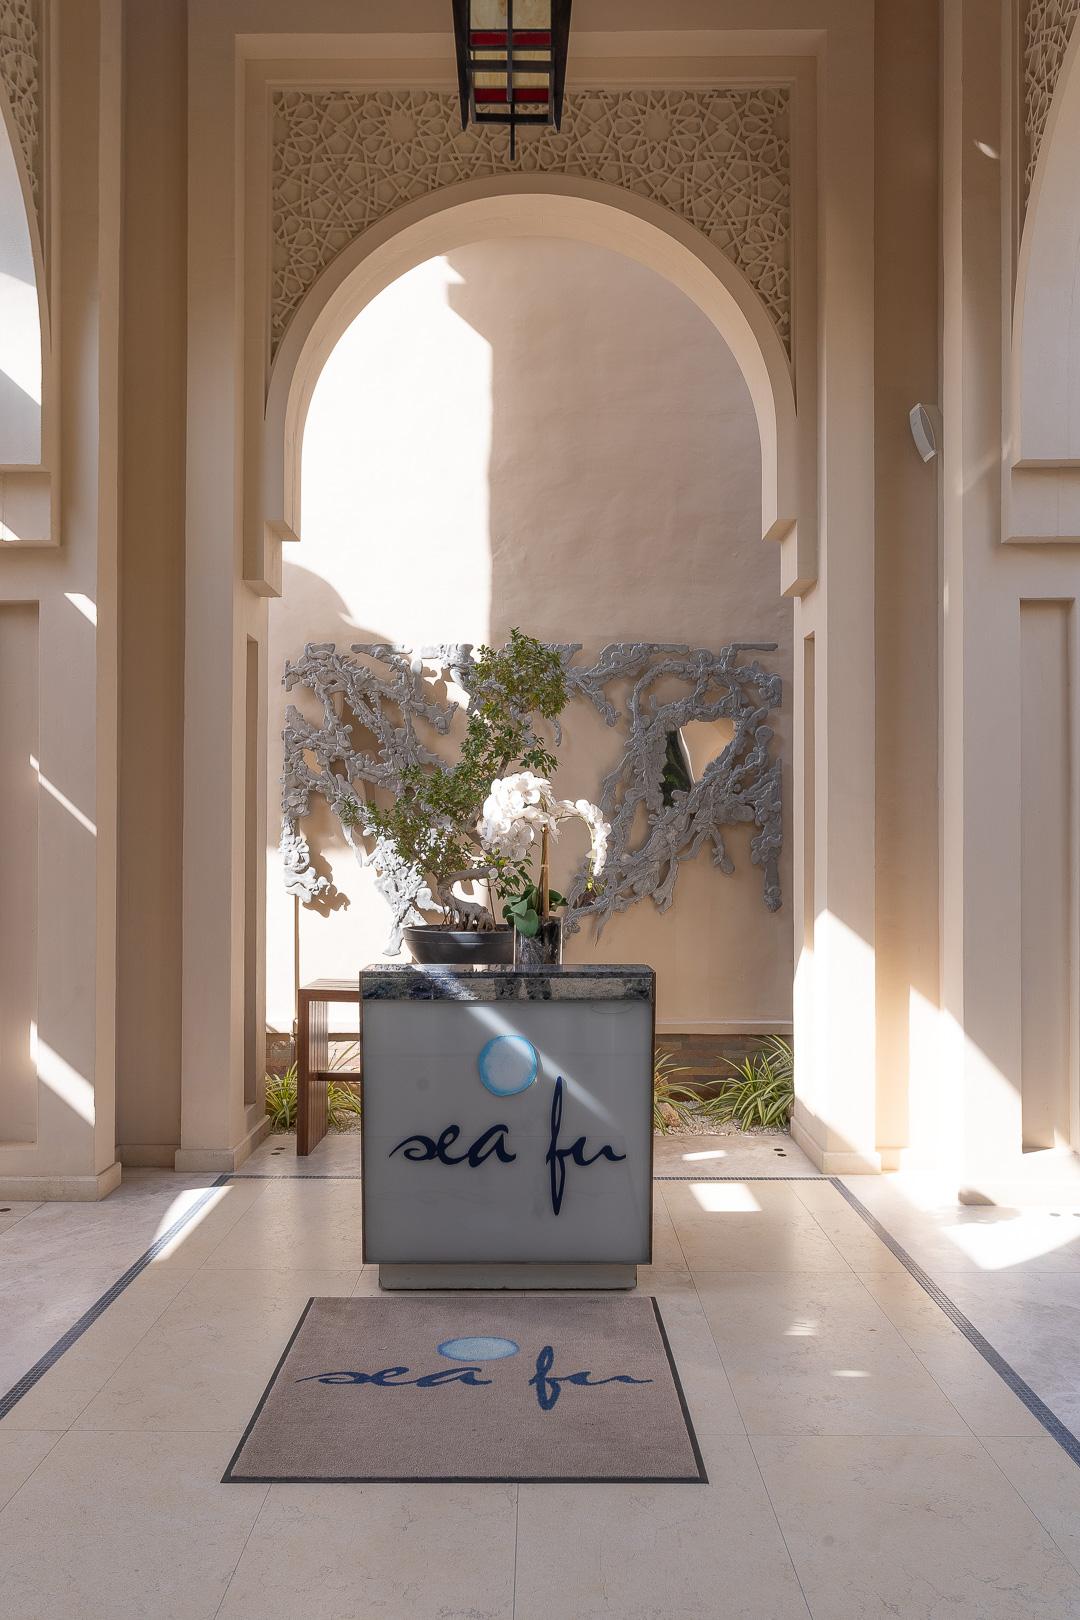 FS Jumeirah 53 - REVIEW - Four Seasons Dubai at Jumeirah Beach : Deluxe City-View Room [COVID-era]